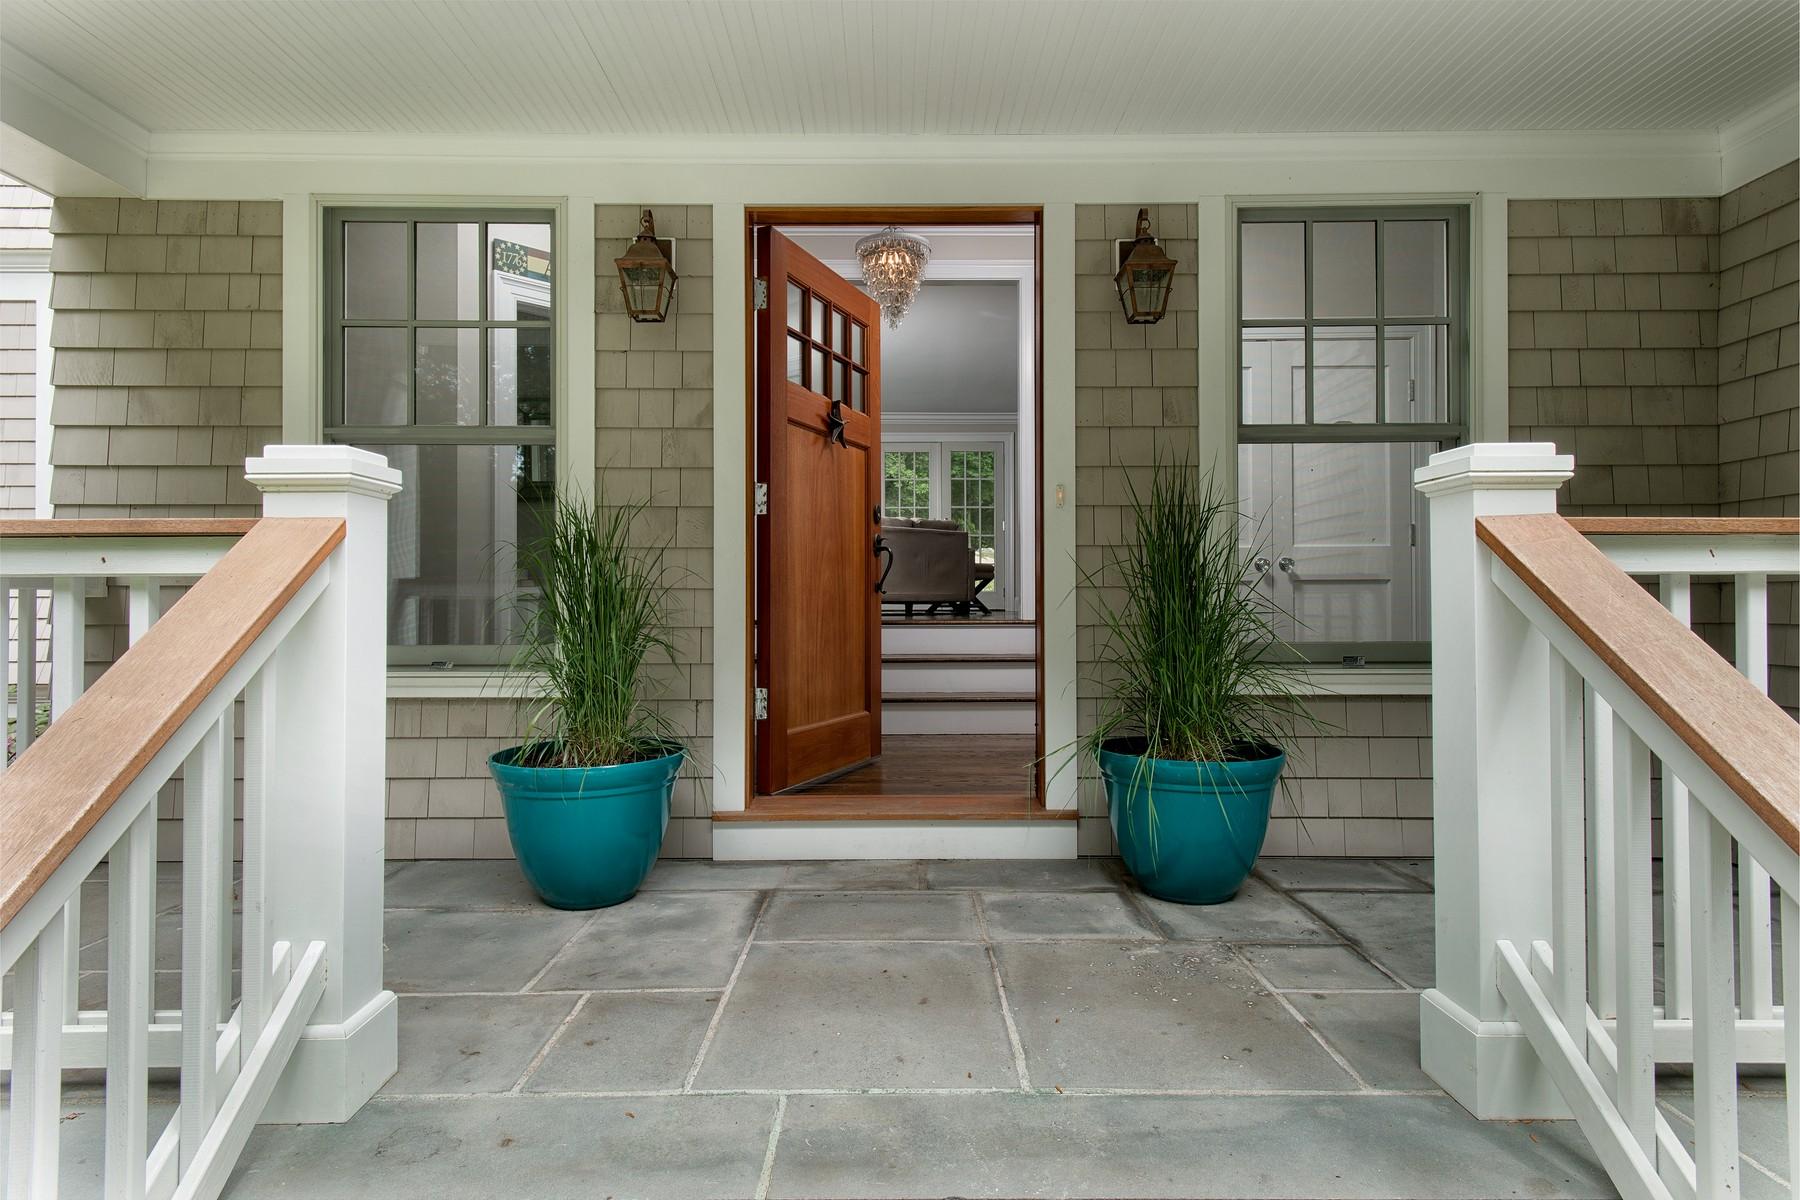 独户住宅 为 销售 在 20 Hilltop Road Norwalk, 康涅狄格州 06854 美国